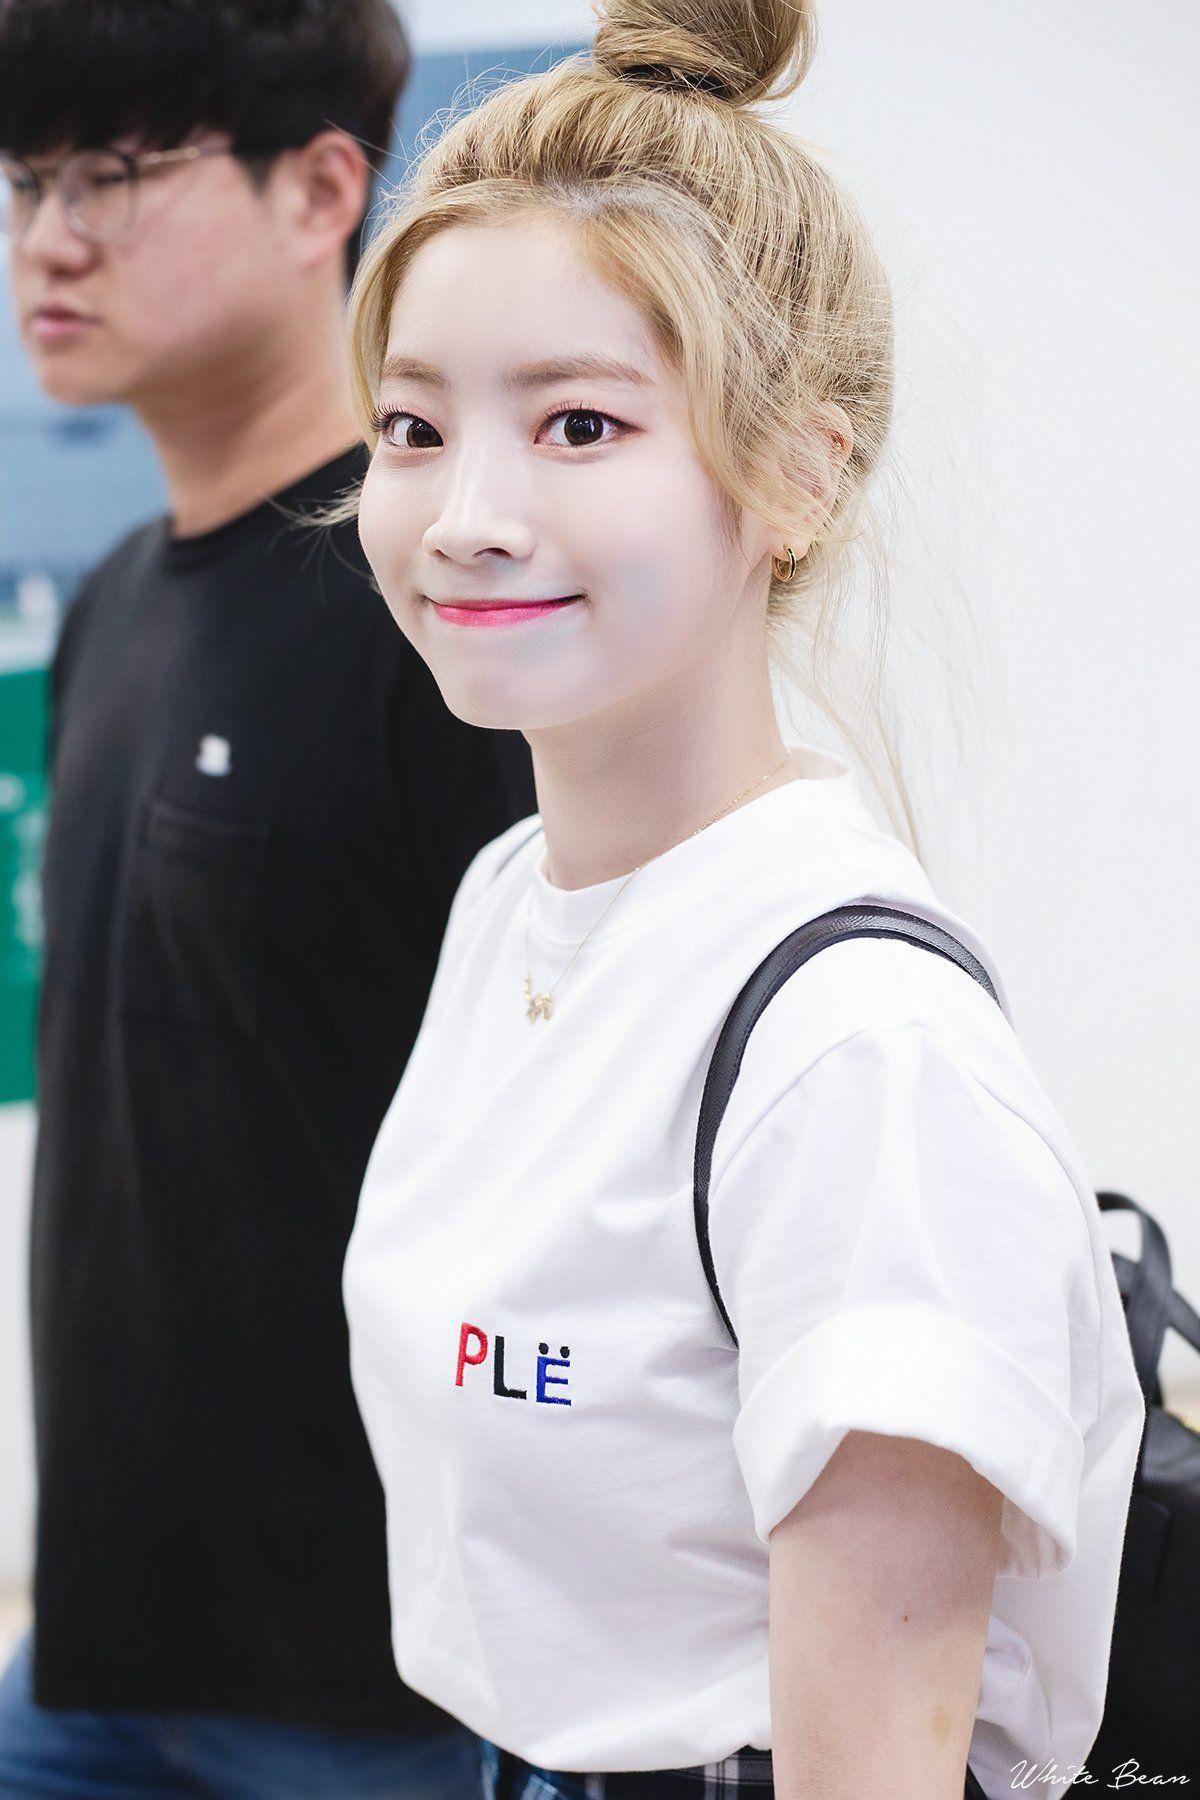 Dahyun có nước da trắng và đôi mắt một mí đen láy, sáng lấp lánh nên dù có tối giản hết các bước vẽ mắt, chỉ để lại eyeliner mỏng, các nét của Dahyun vẫn rất tinh anh, lanh lợi.